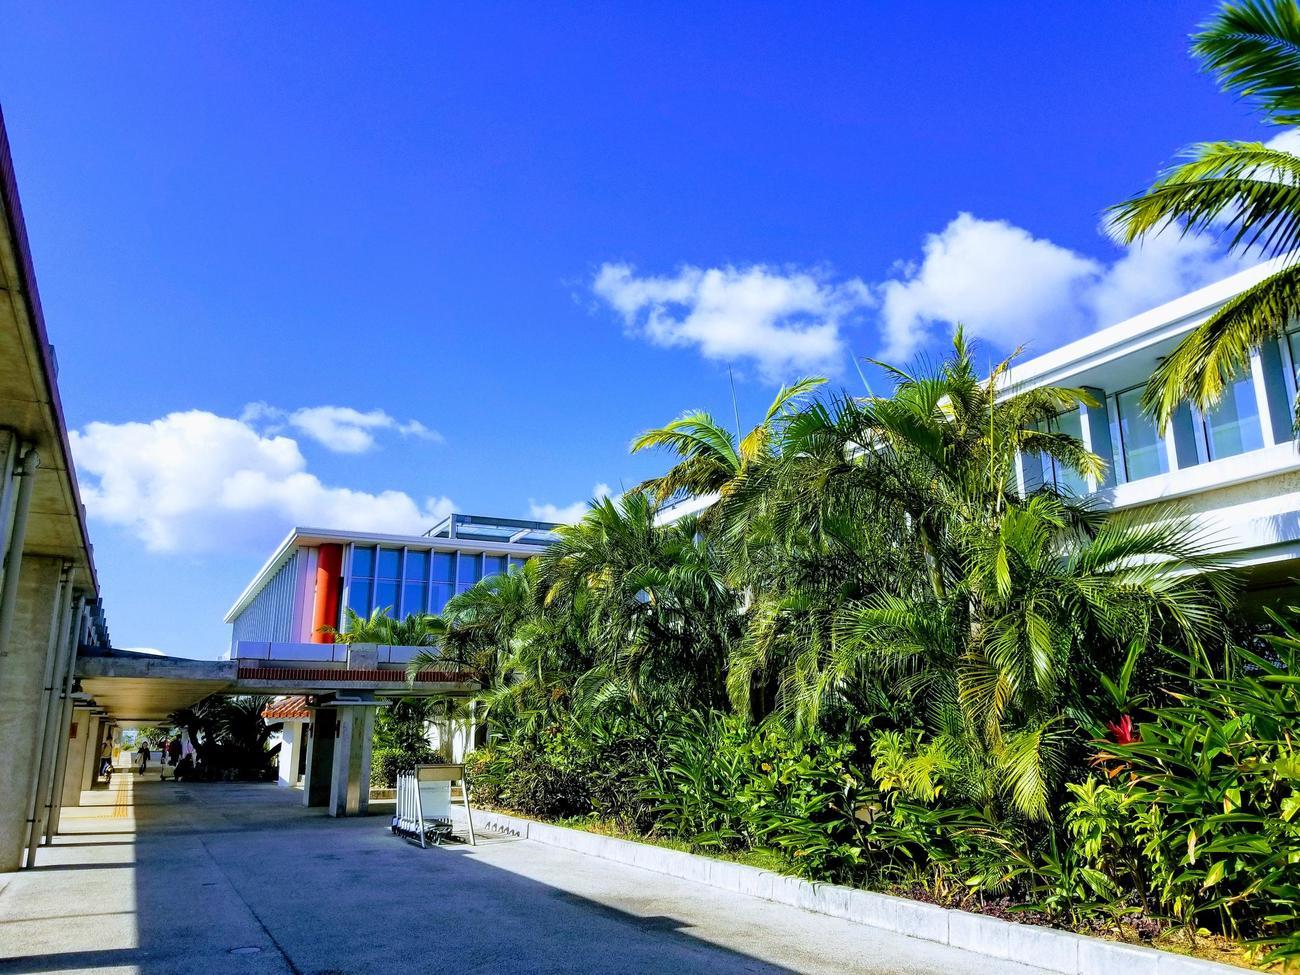 沖縄・石垣島の玄関口、新石垣島空港